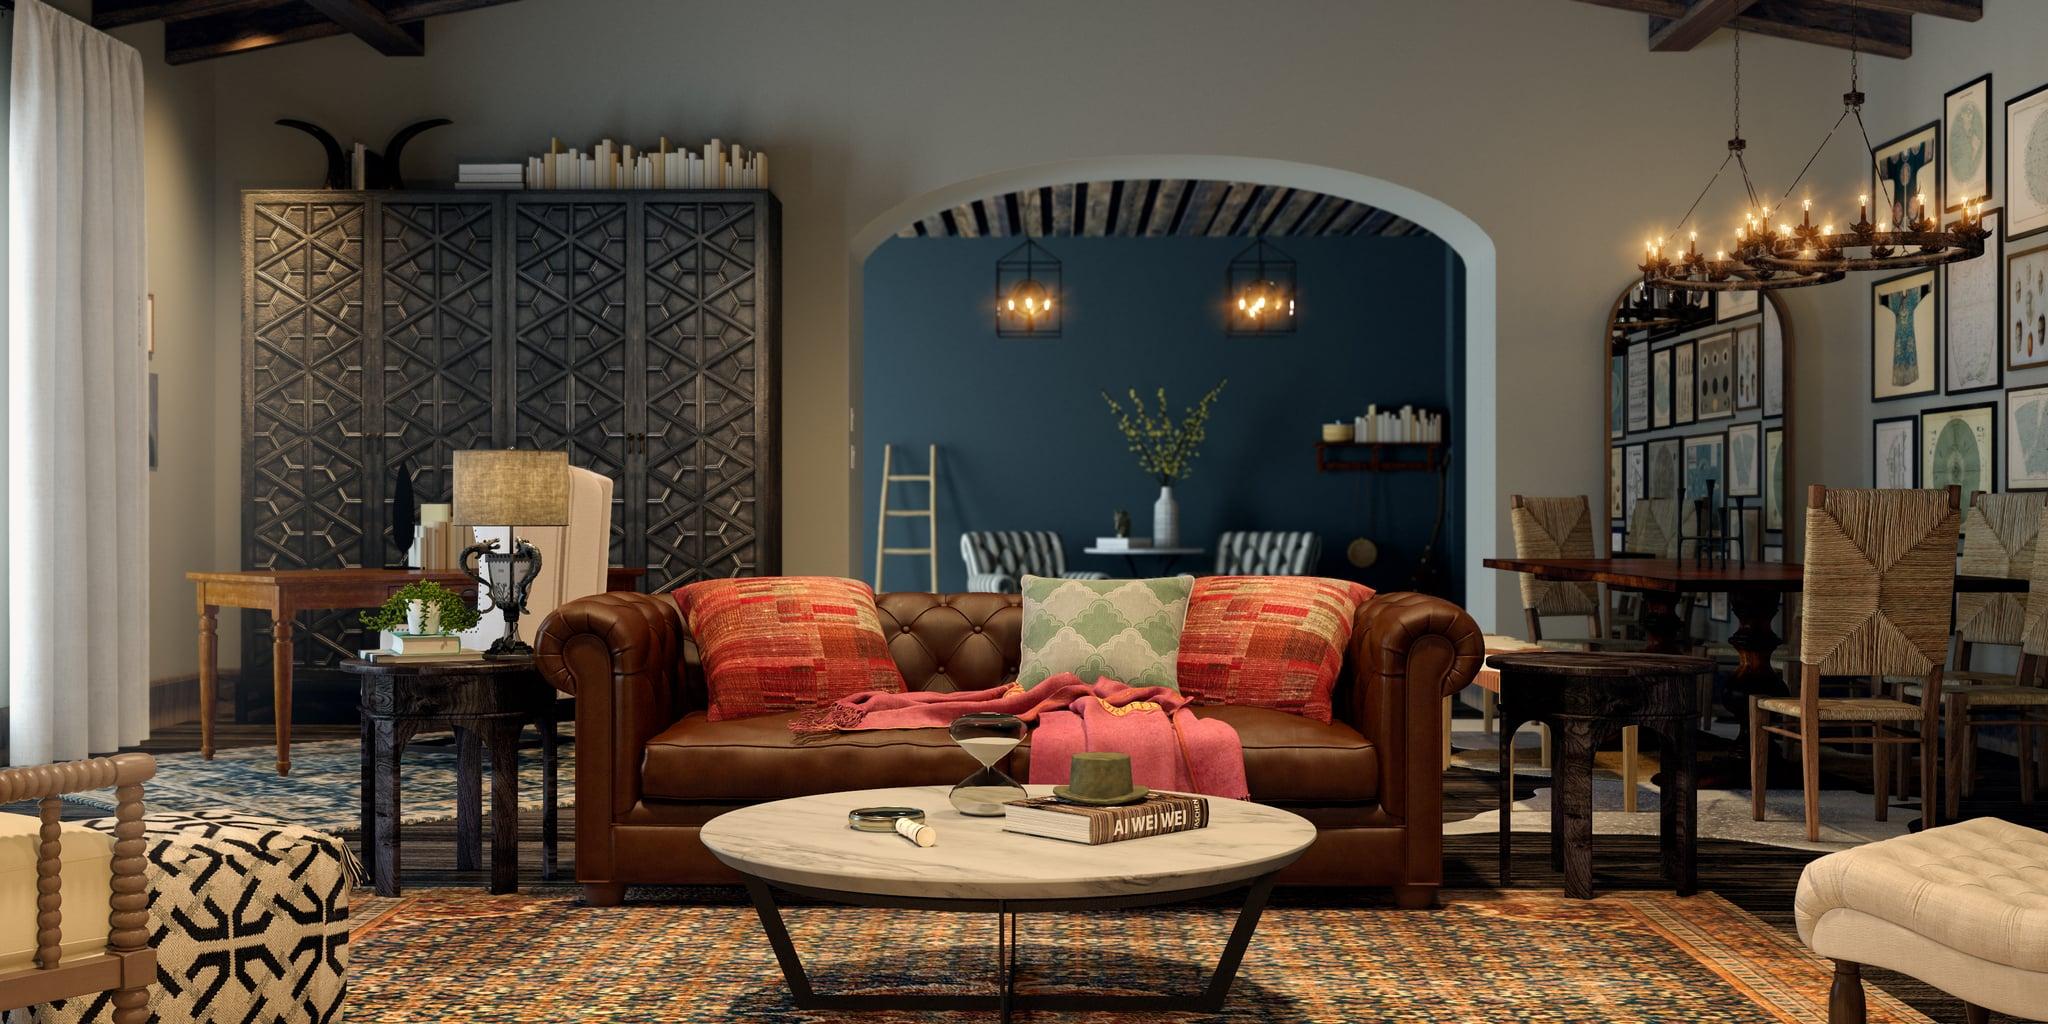 Harry Potter Home Decor Ideas from media1.popsugar-assets.com